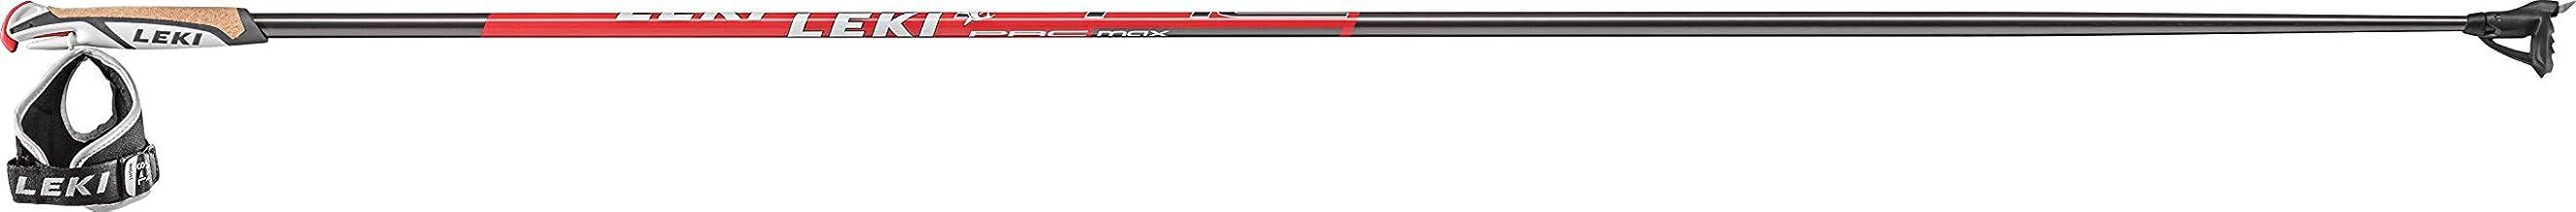 LEKI Uniseks Volwassene Sporting Goods, Zwart, 210 cm